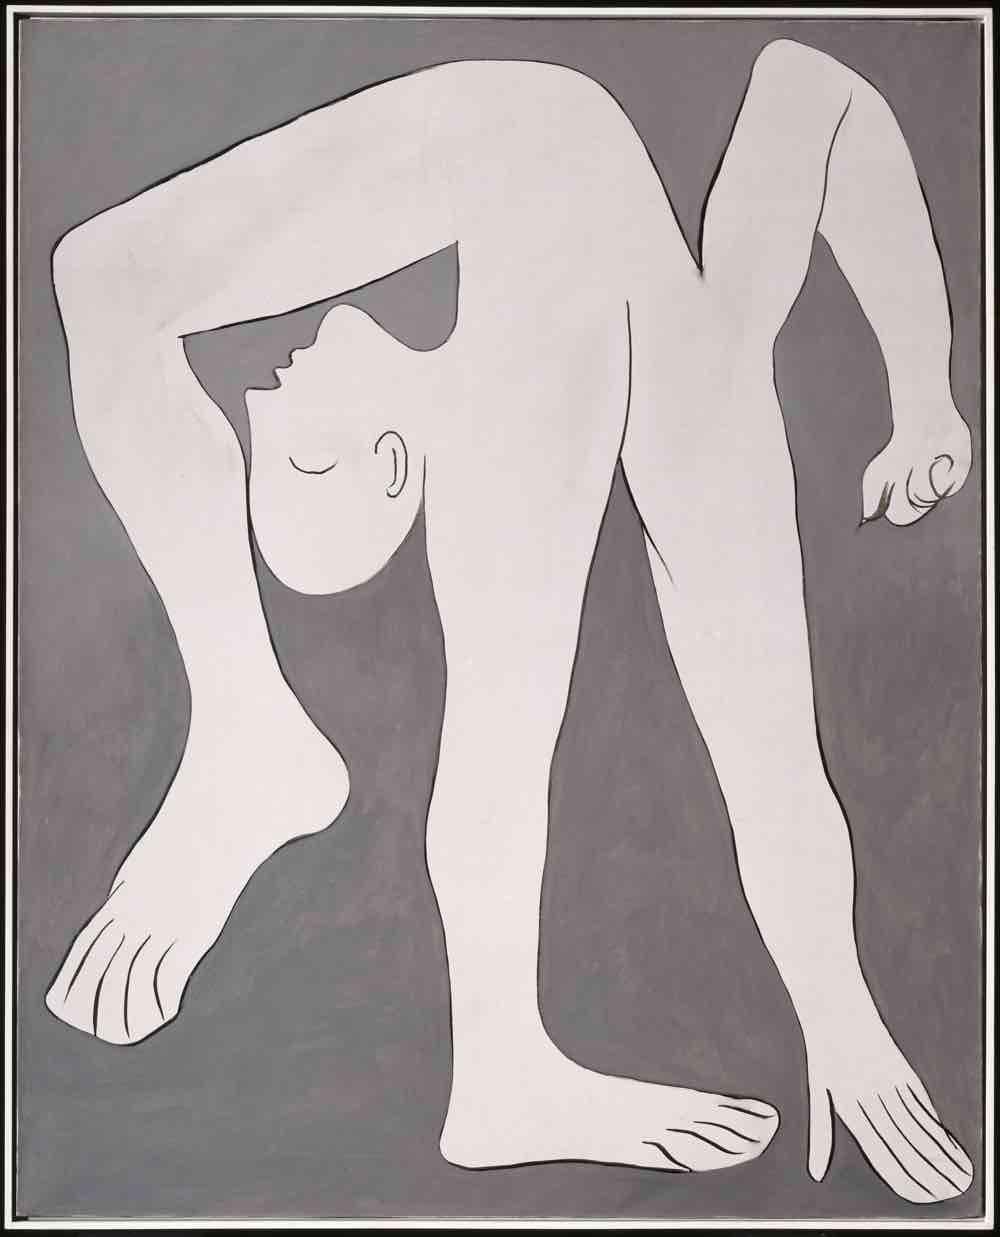 Botero, dialogue avec Picasso : une visite émouvante dans le cadre de